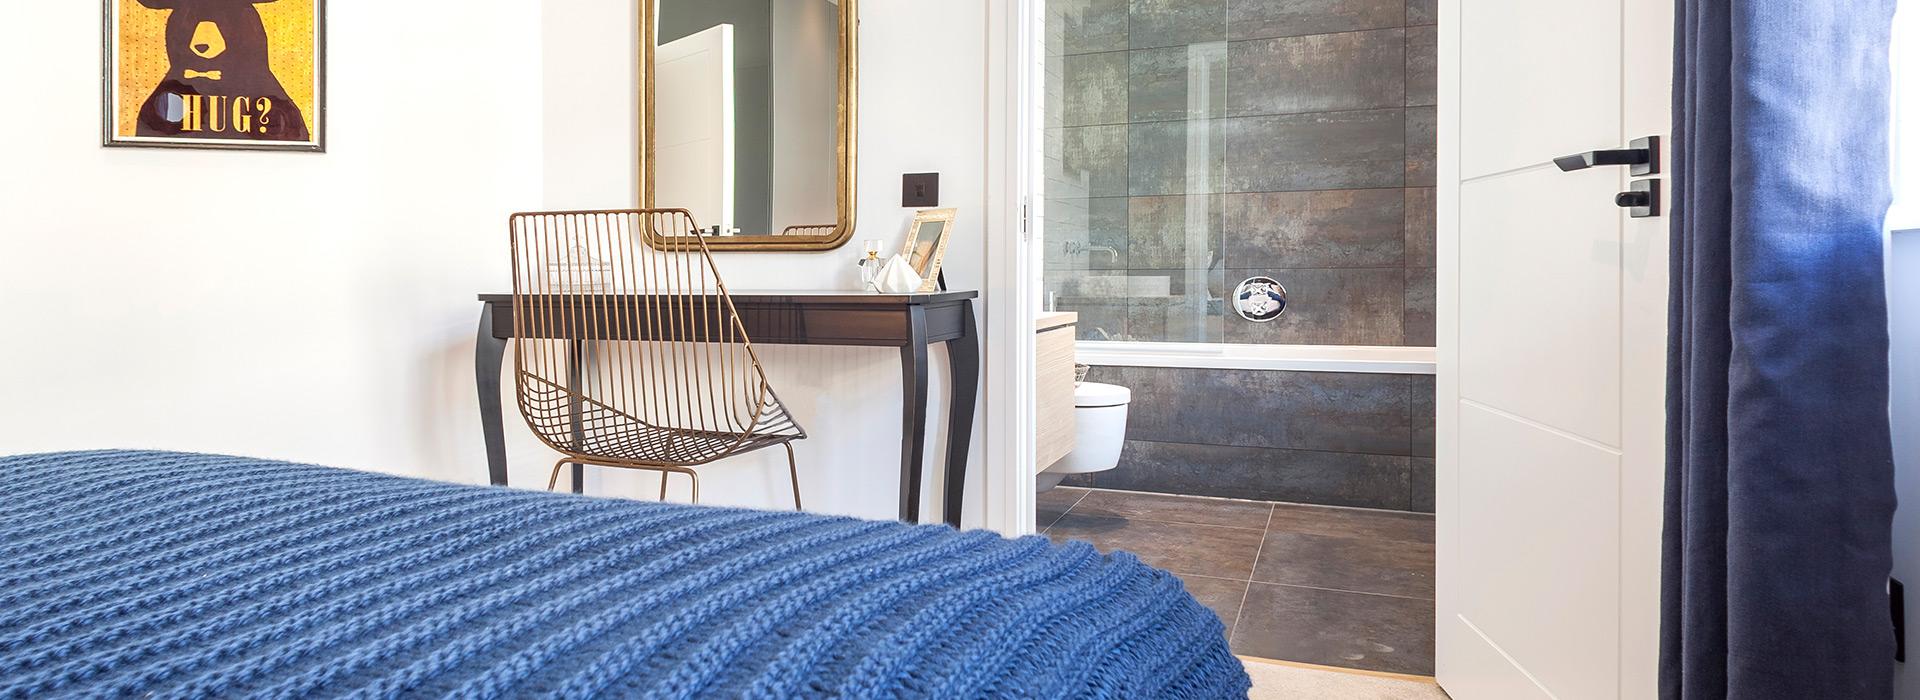 En-suite with large format tiles